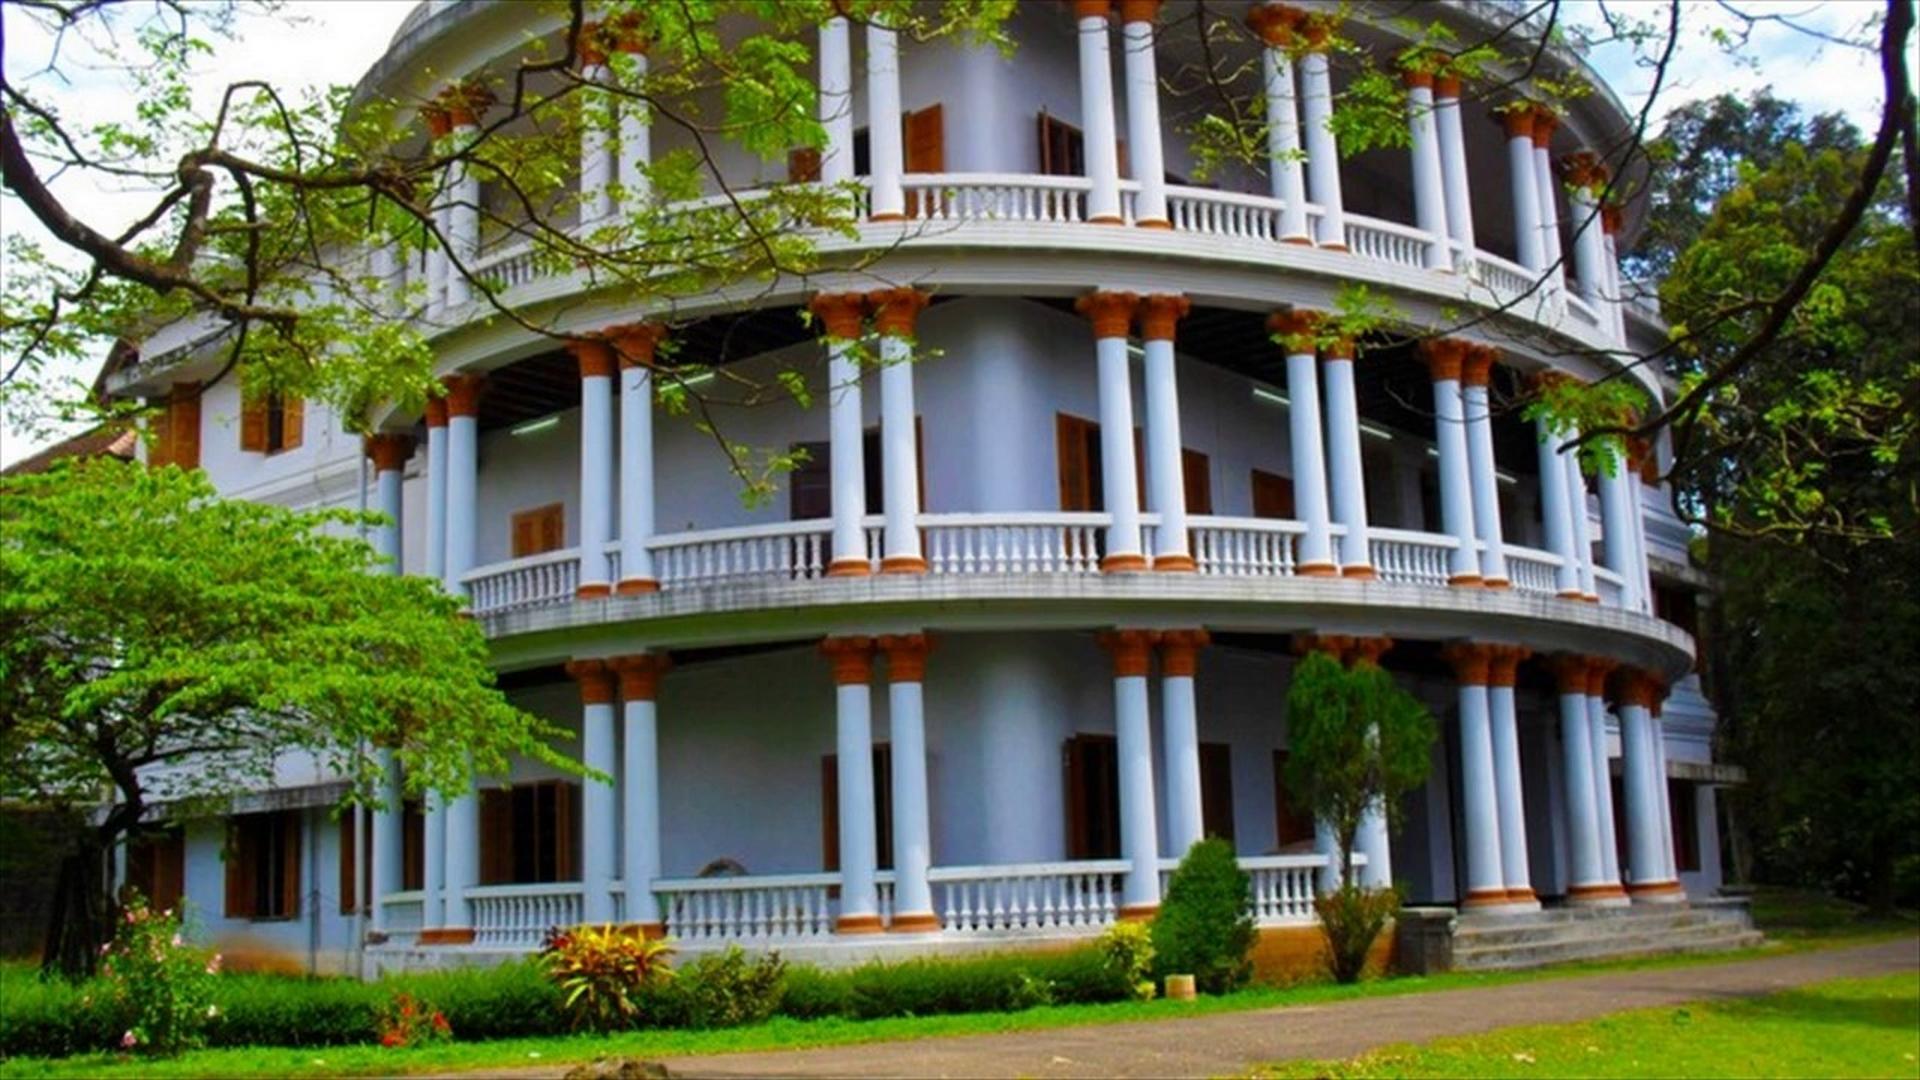 Hill Palace Museum Kochi